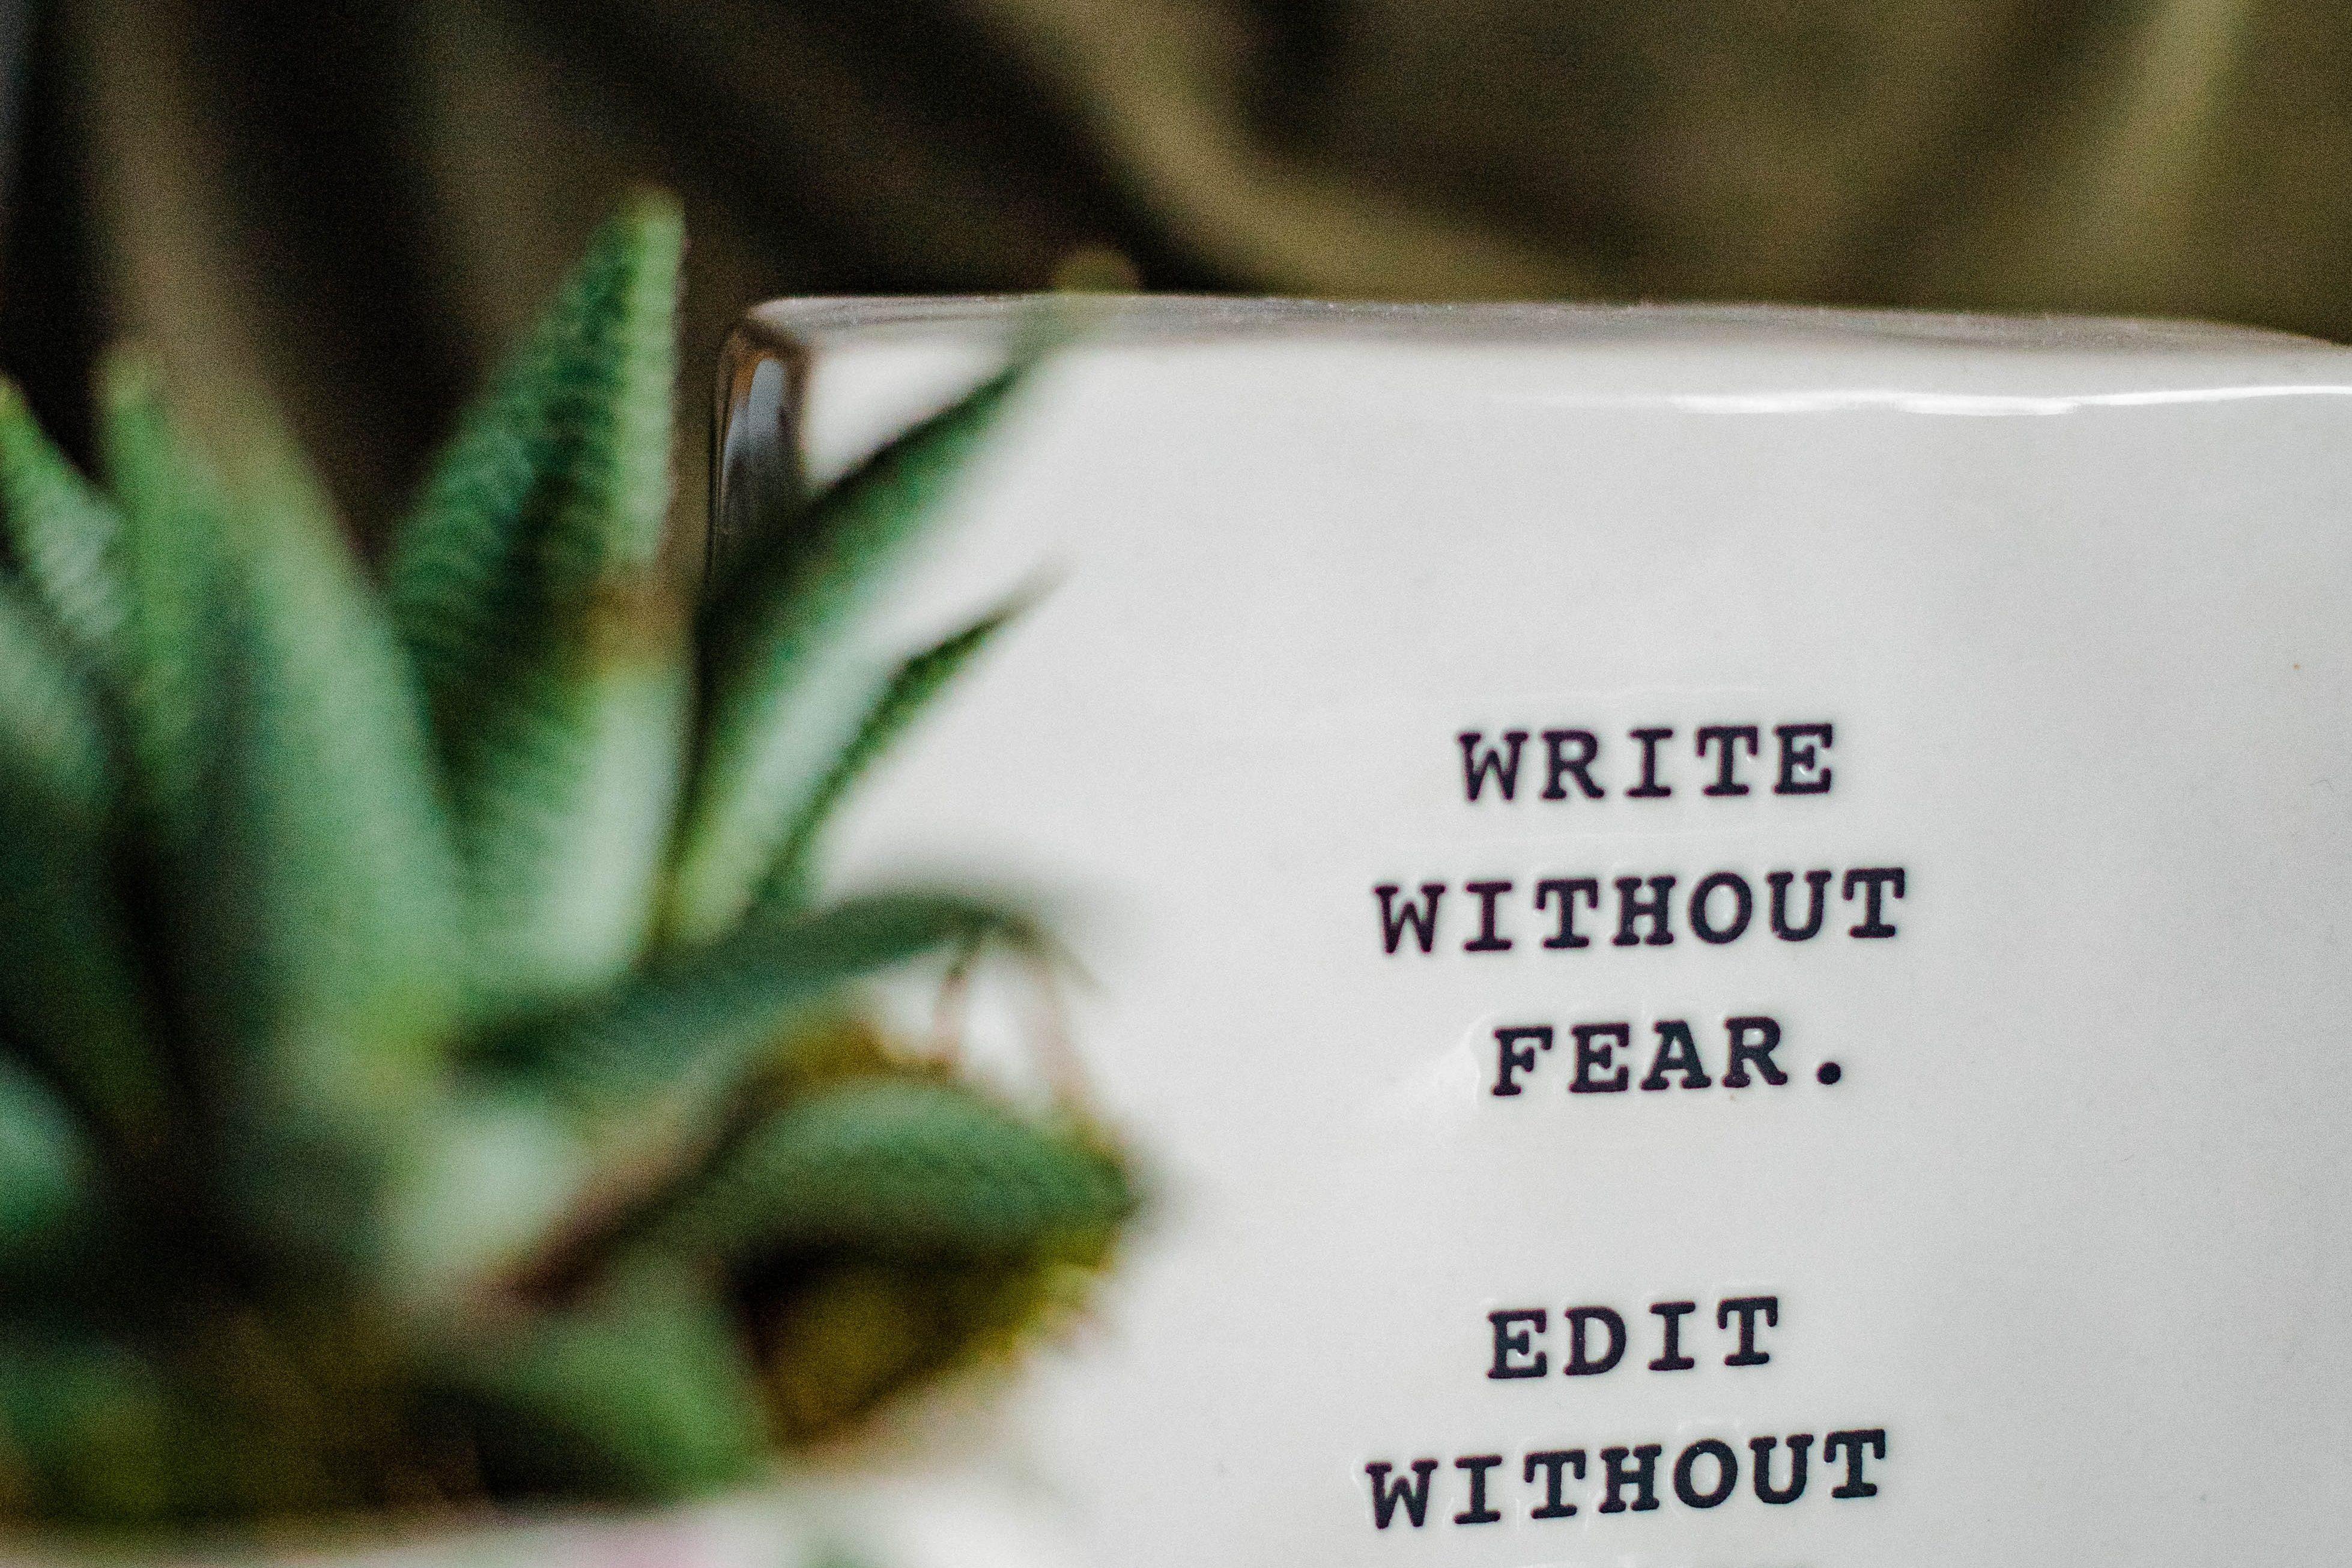 Wannabe írók nagy nevei - tényleg érdemes a hype?